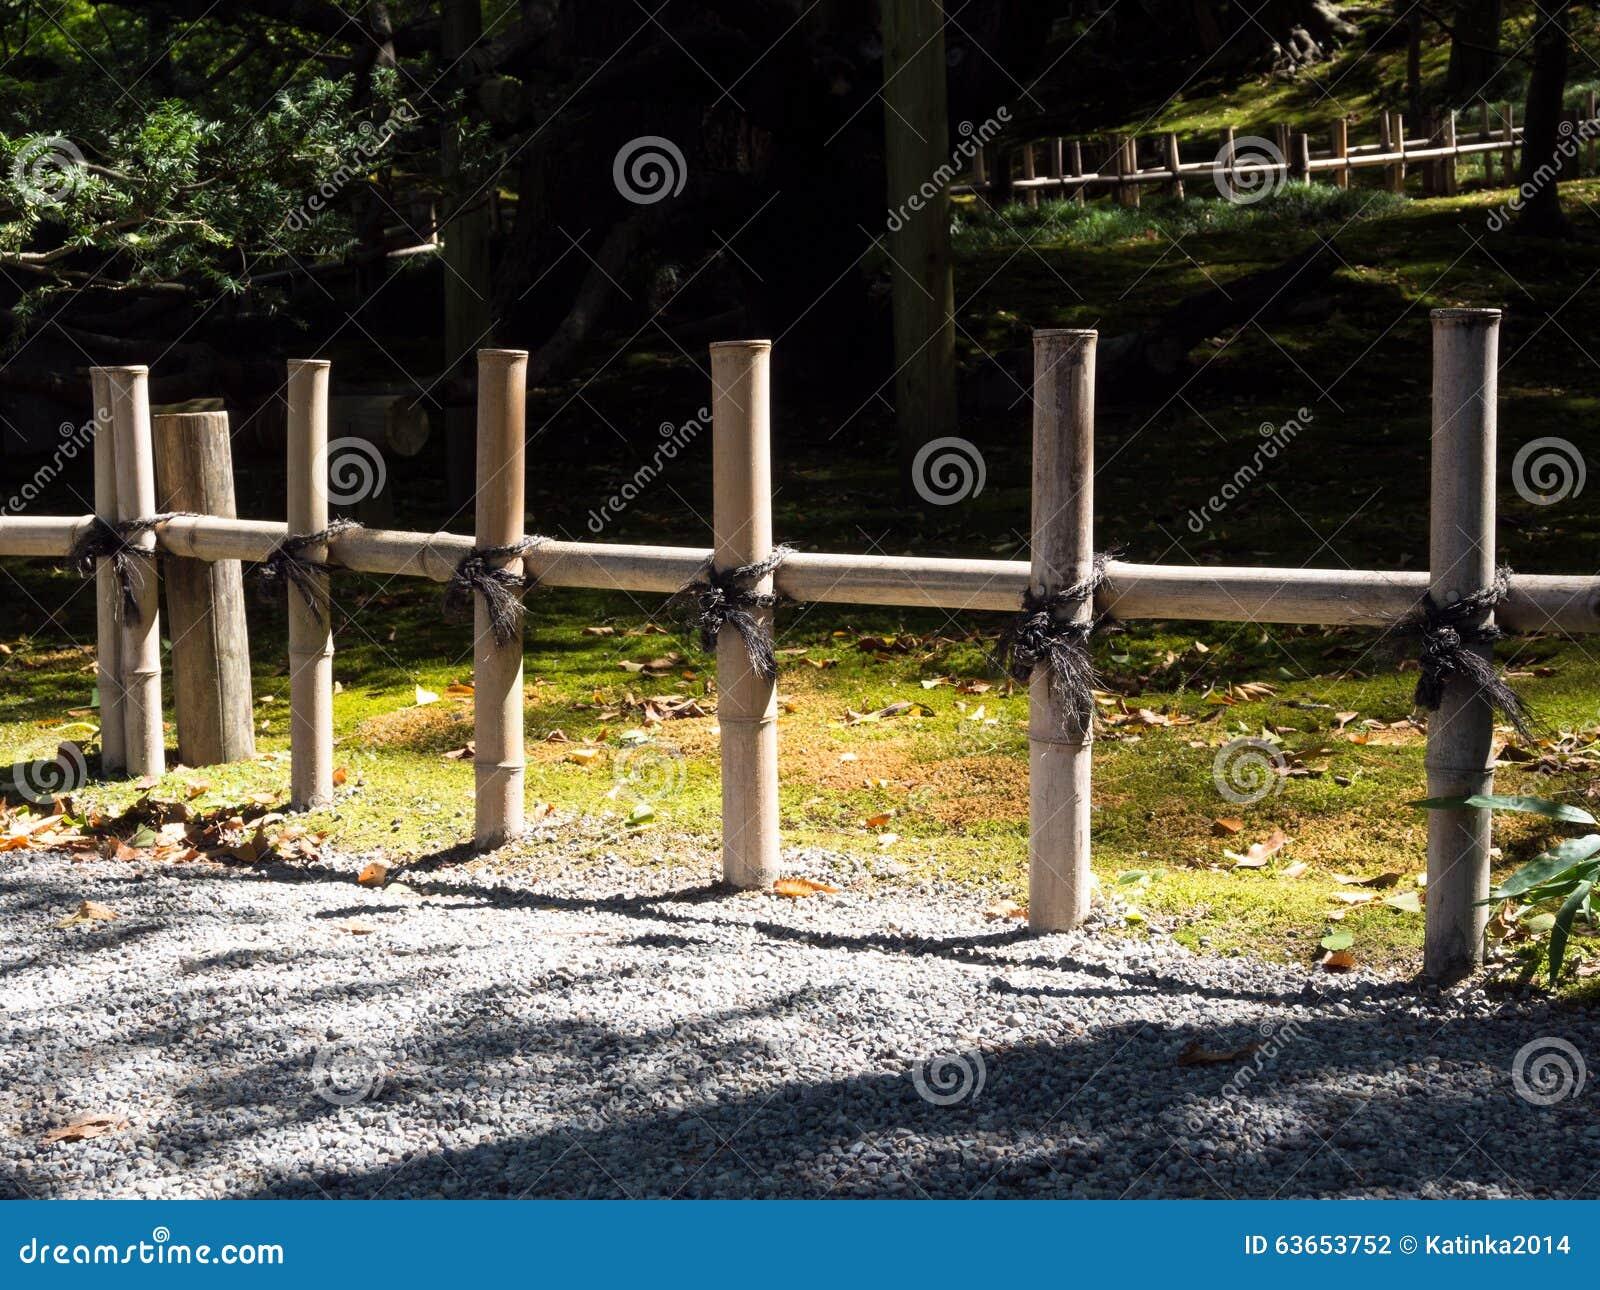 Barrière En Bambou Dans Le Jardin Japonais Photo stock - Image du ...